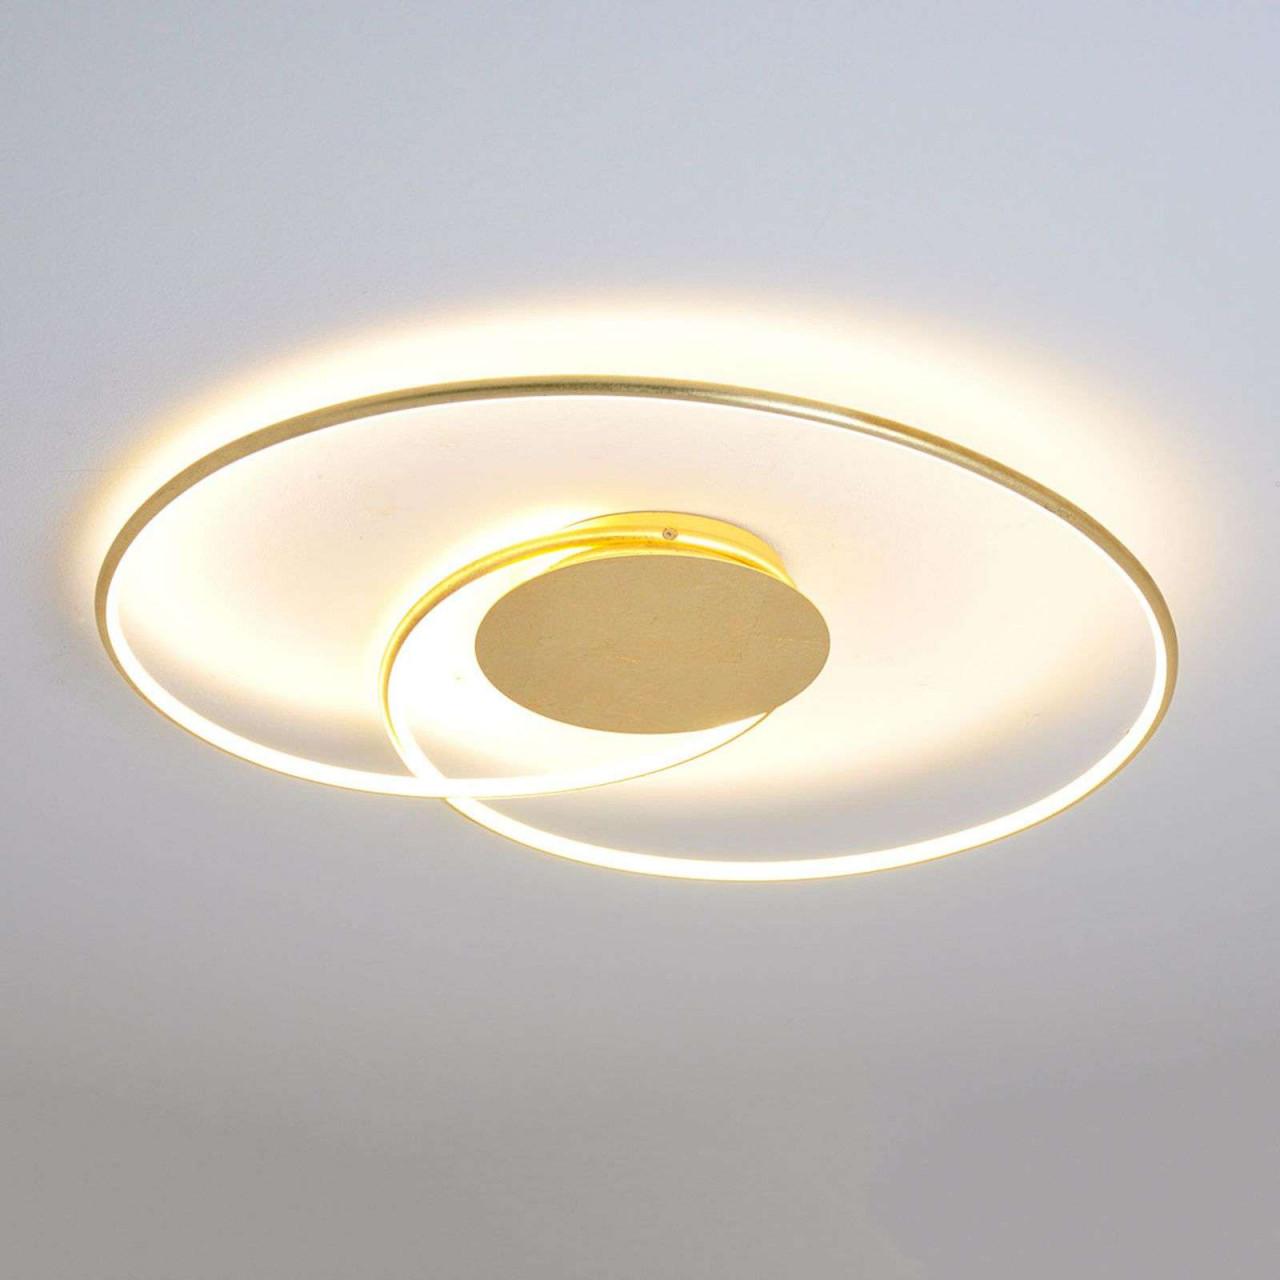 Led Deckenleuchte Deckenlampejoline Gold Hell Deckenlampe von Wohnzimmer Lampe Hell Photo